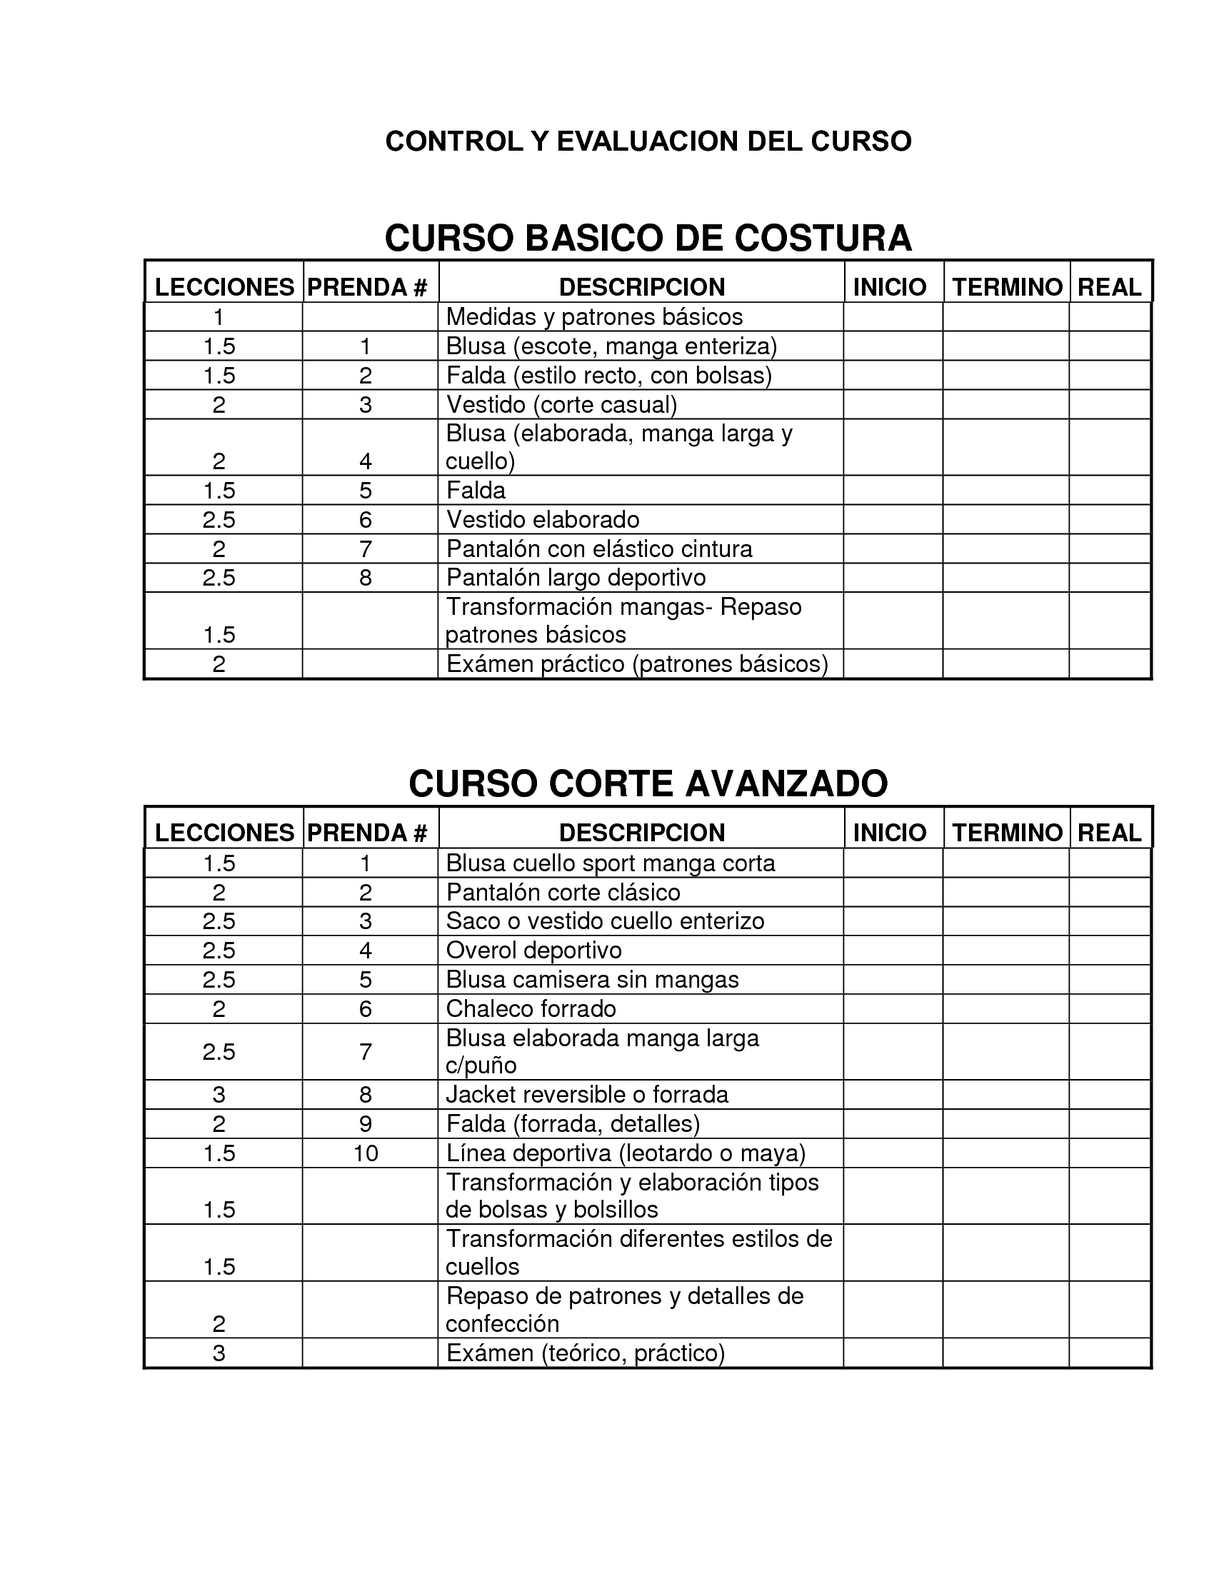 CURSO BASICO DE COSTURA - Confección Ropa Mujer - CALAMEO Downloader